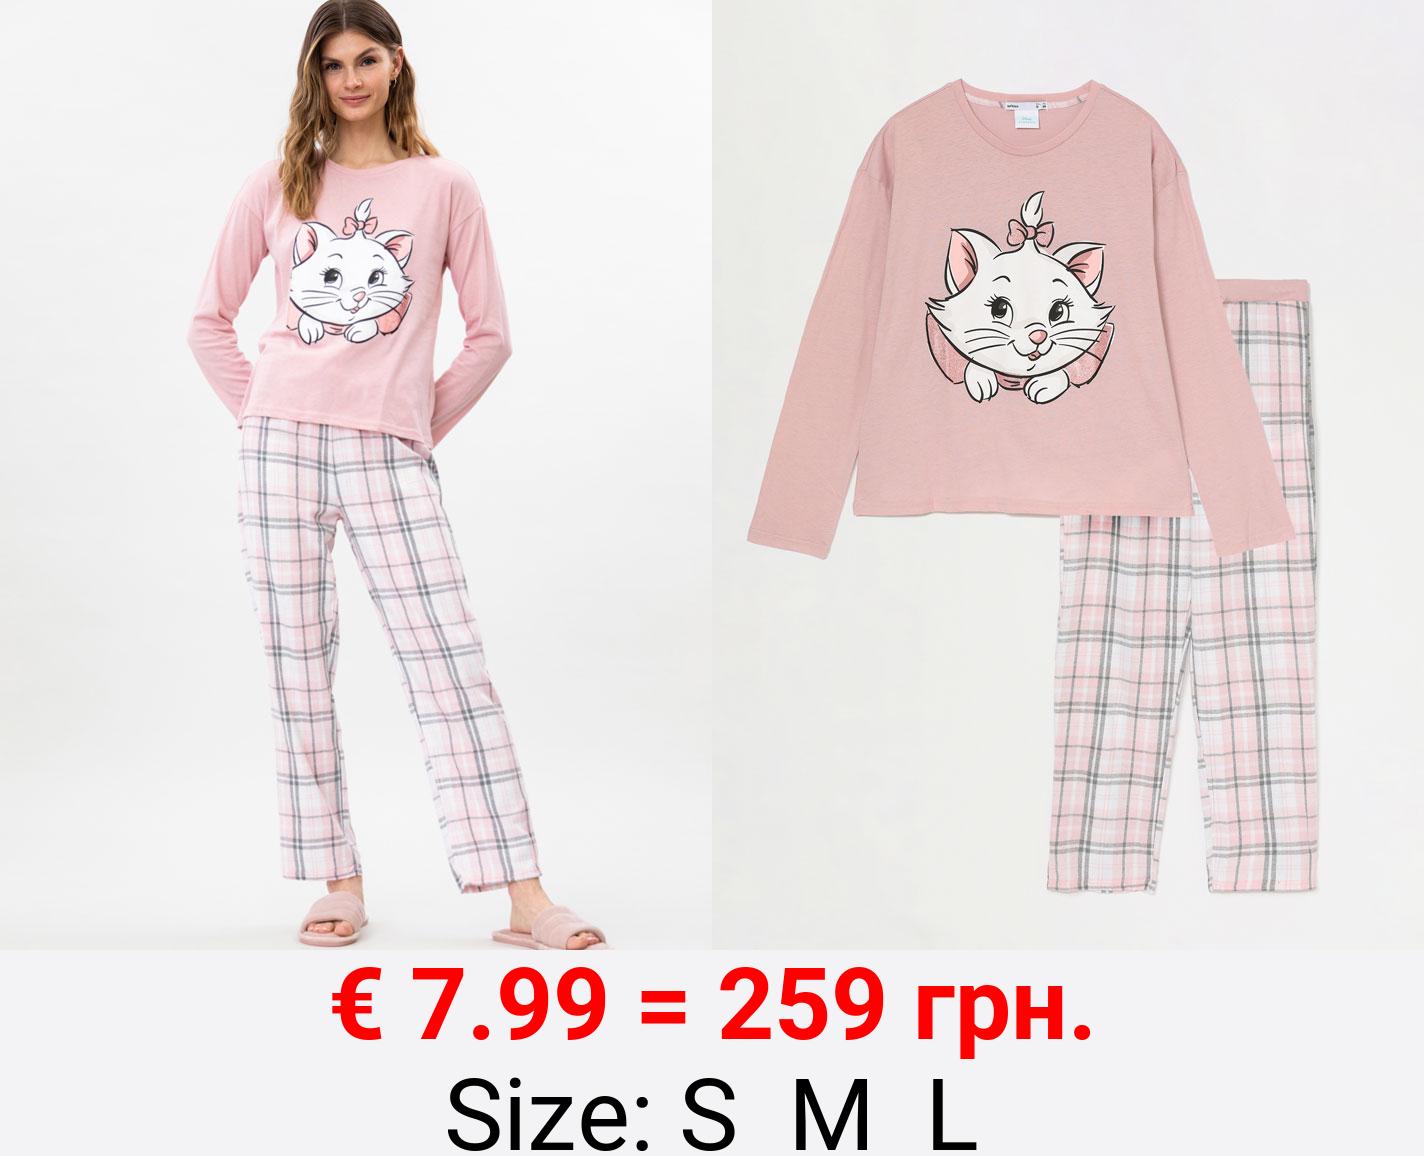 Aristocats ©Disney pyjama set